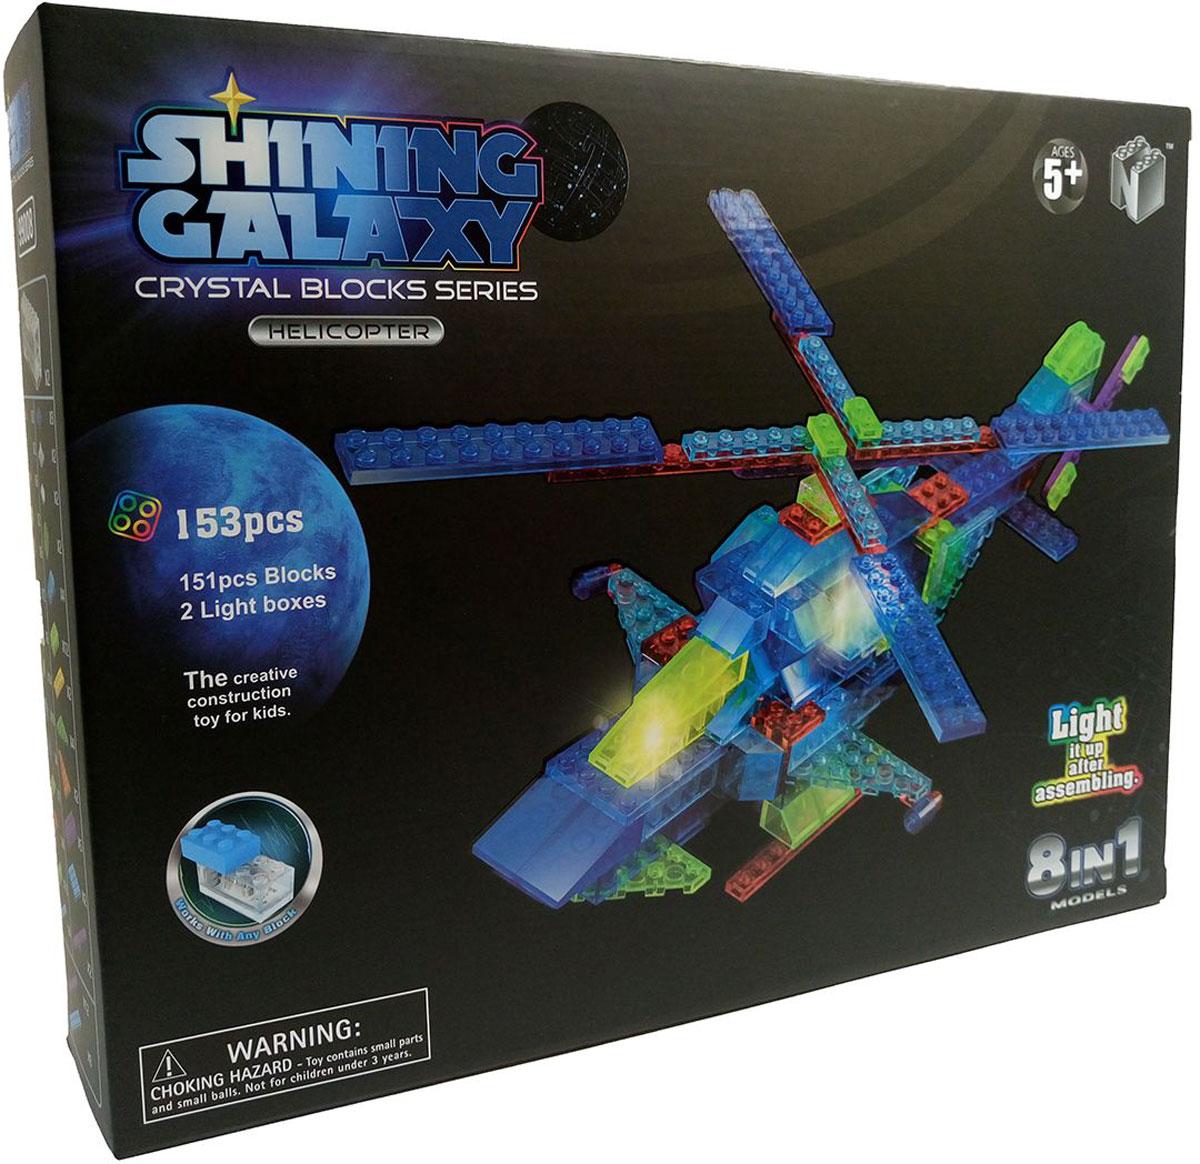 Shining Galaxy Конструктор Вертолет 8 в 1 - Конструкторы